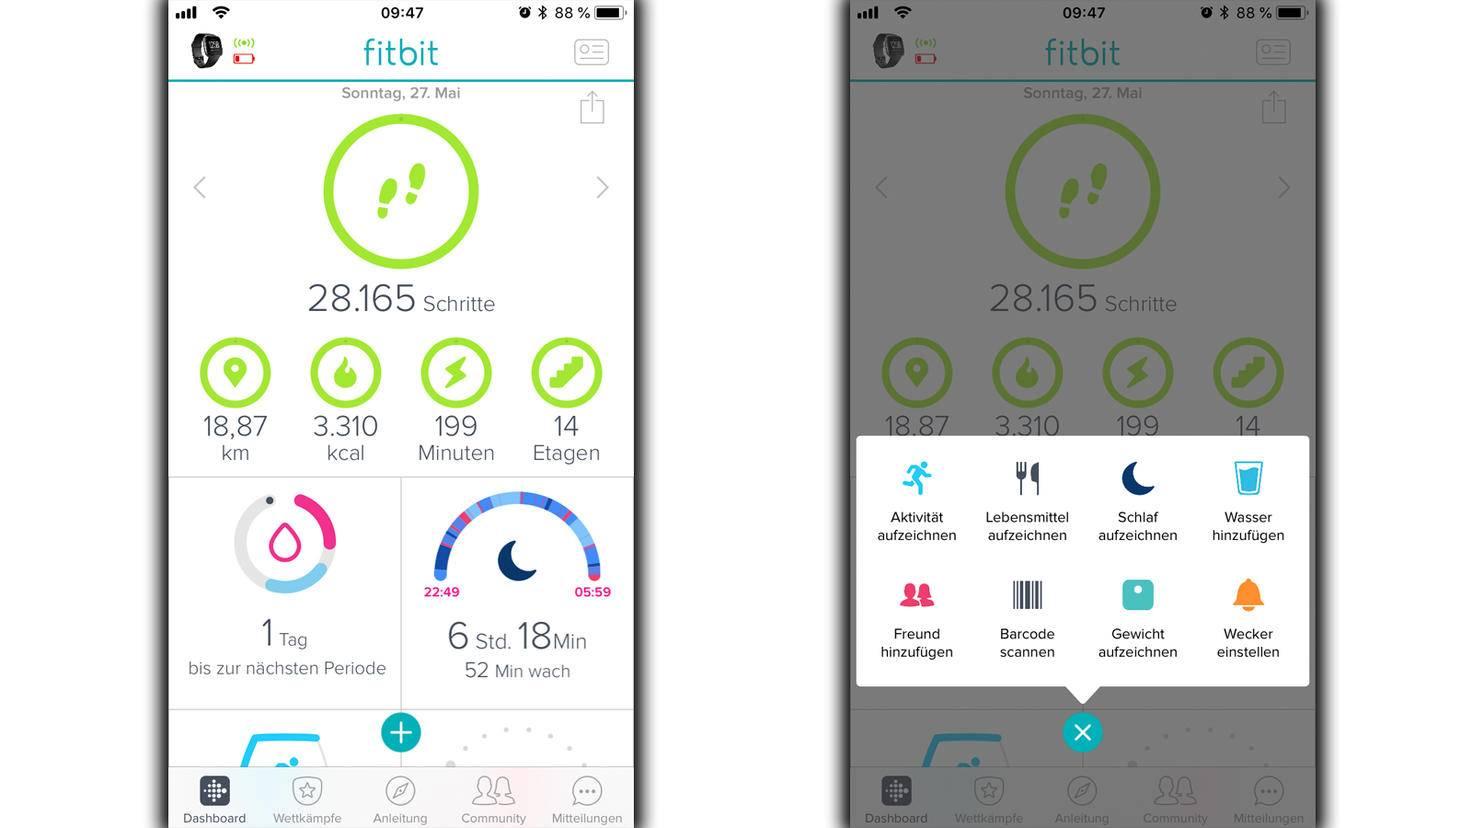 Das Menü in der Fitbit-App hat kaum merkliche Veränderungen vorzuweisen.